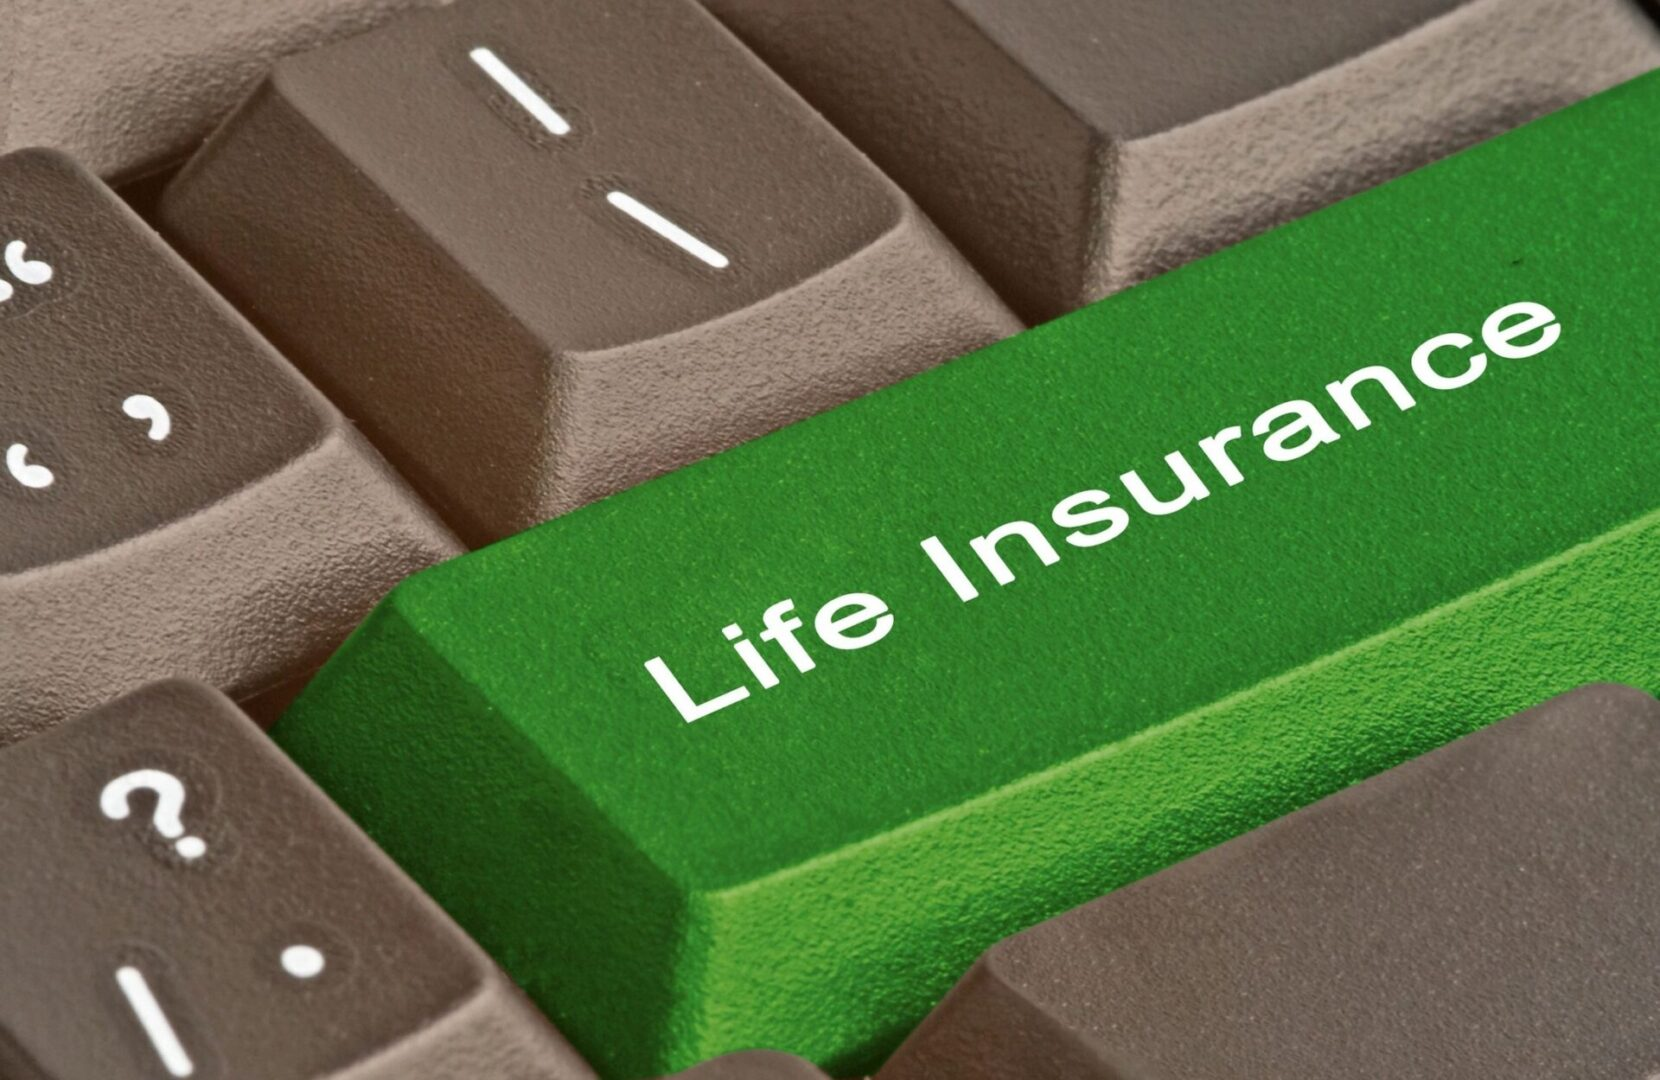 Schaff Insurance, Ltd.